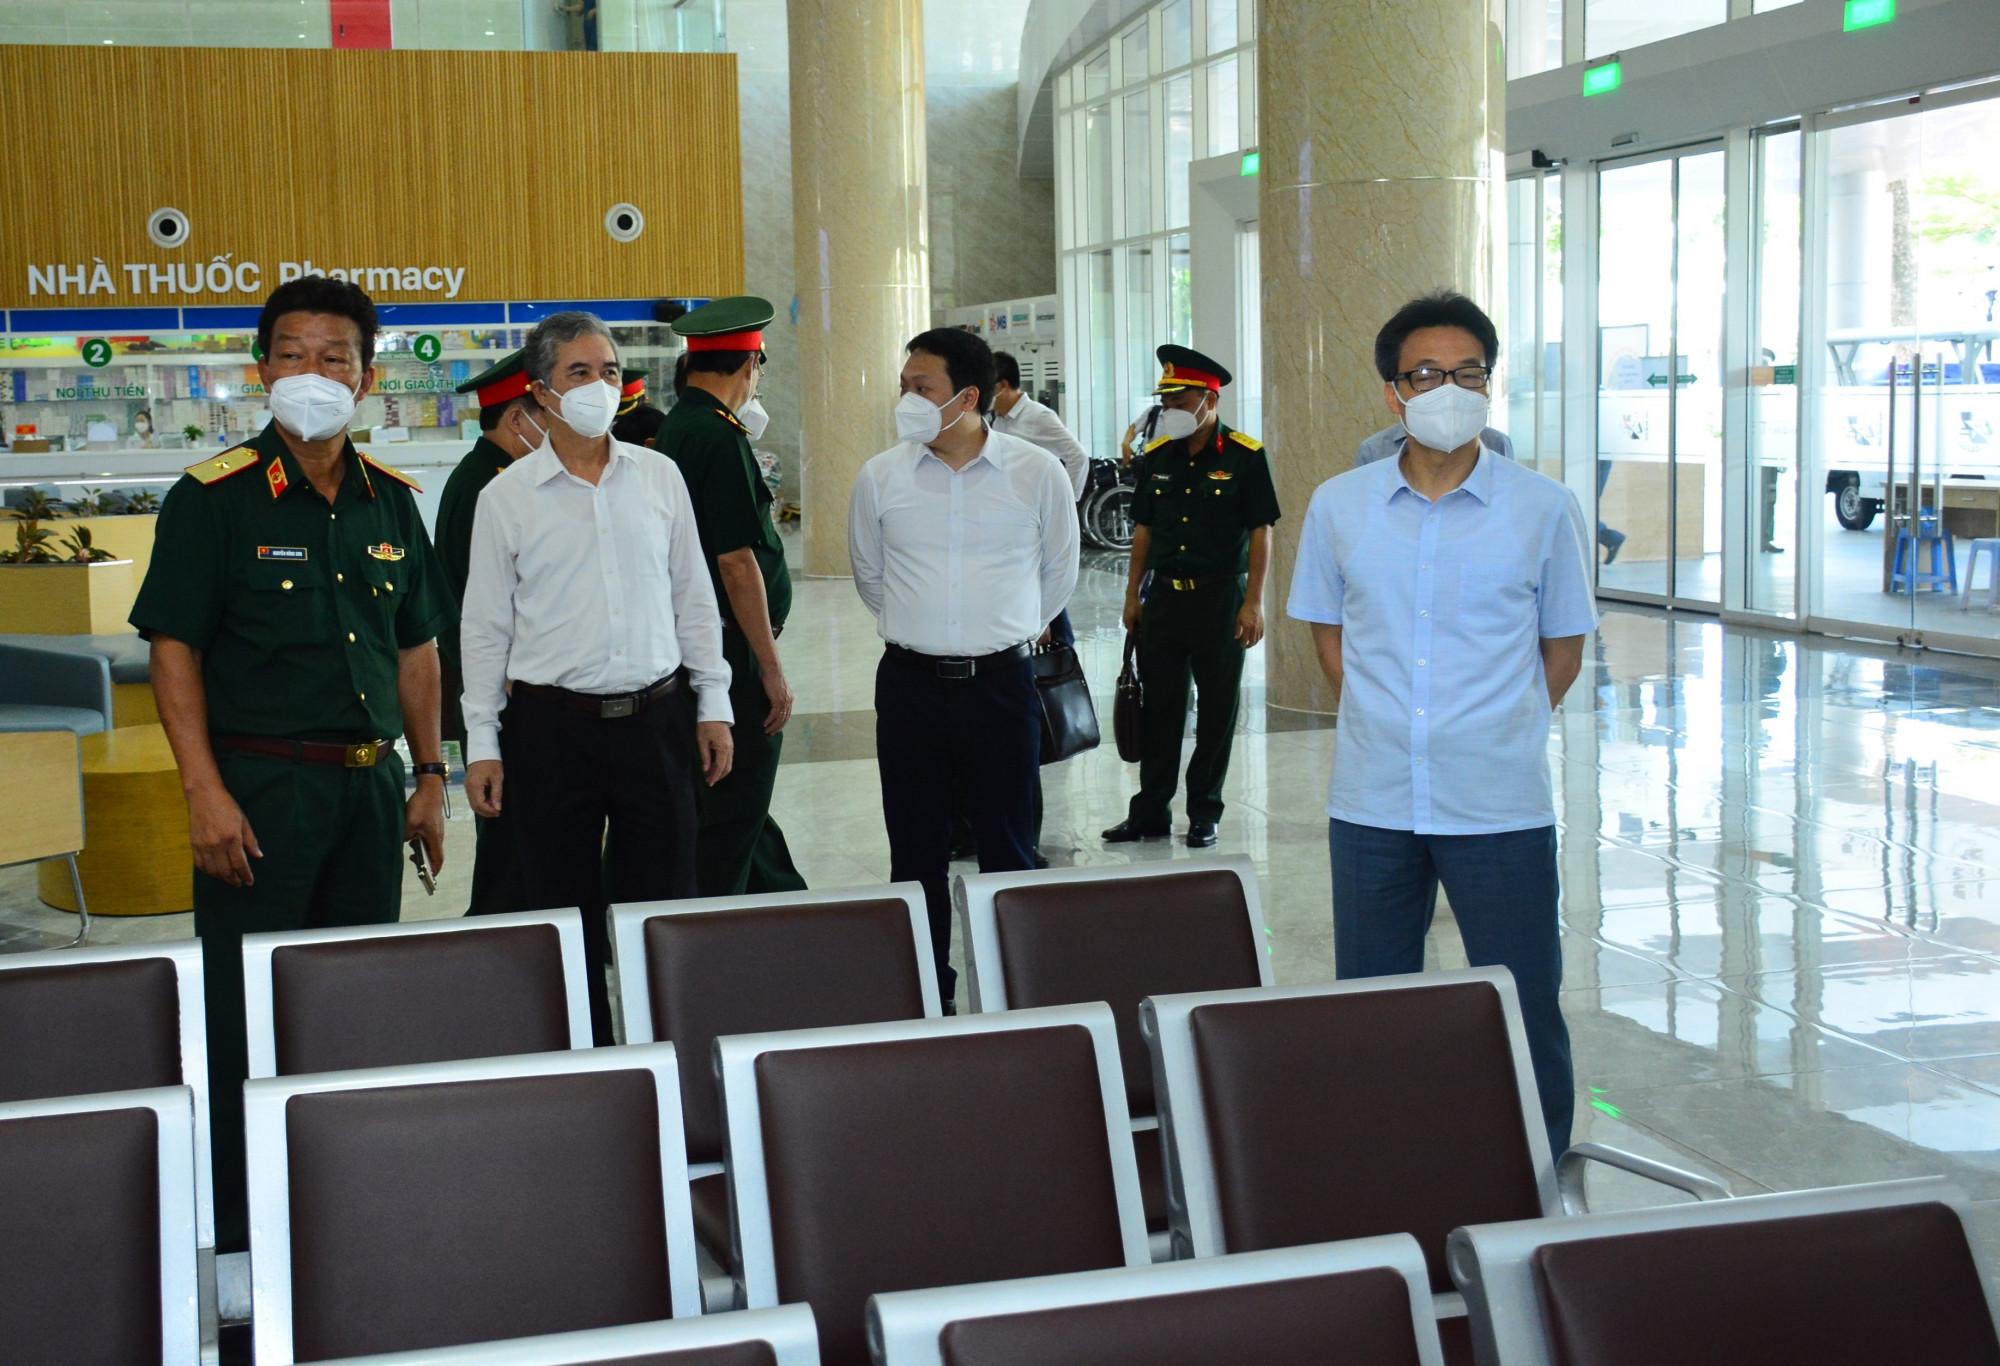 Thiếu tướng Nguyễn Trường Sơn (bìa trái) tiếp đoàn công tác của Phó Thủ tướng Vũ Đức Đam